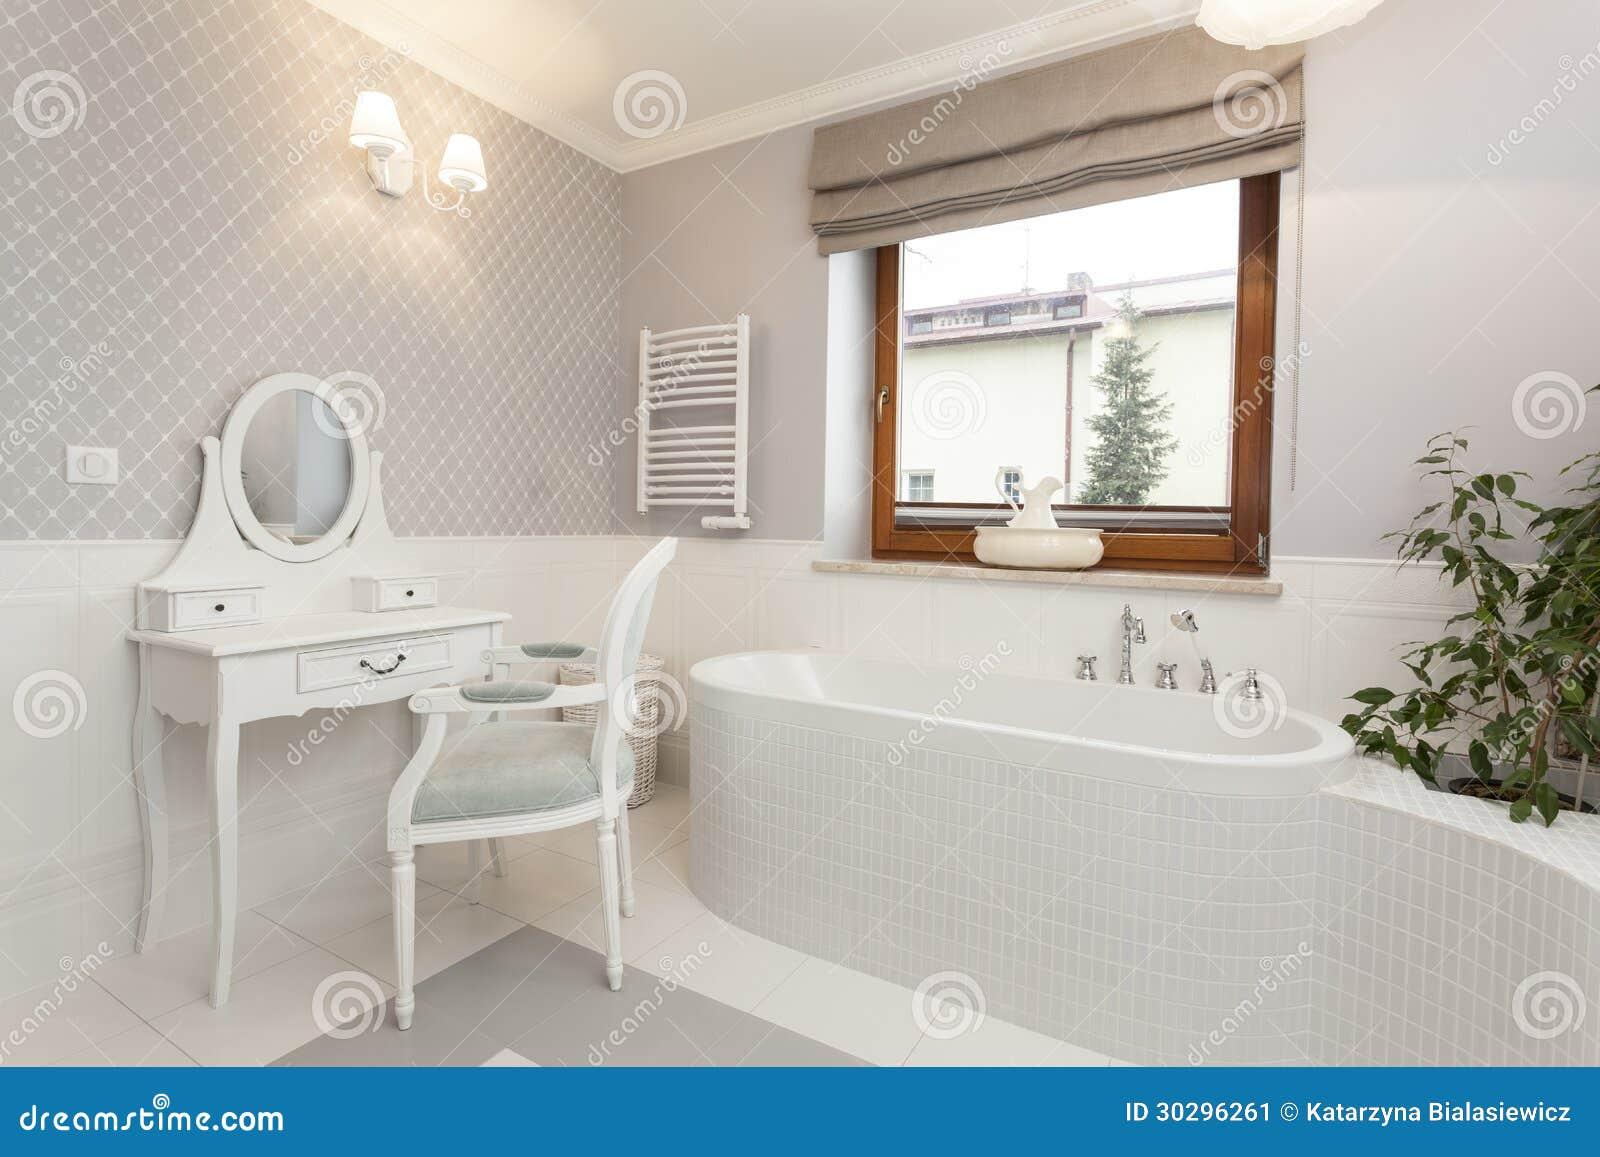 托斯卡纳-有梳妆台的卫生间